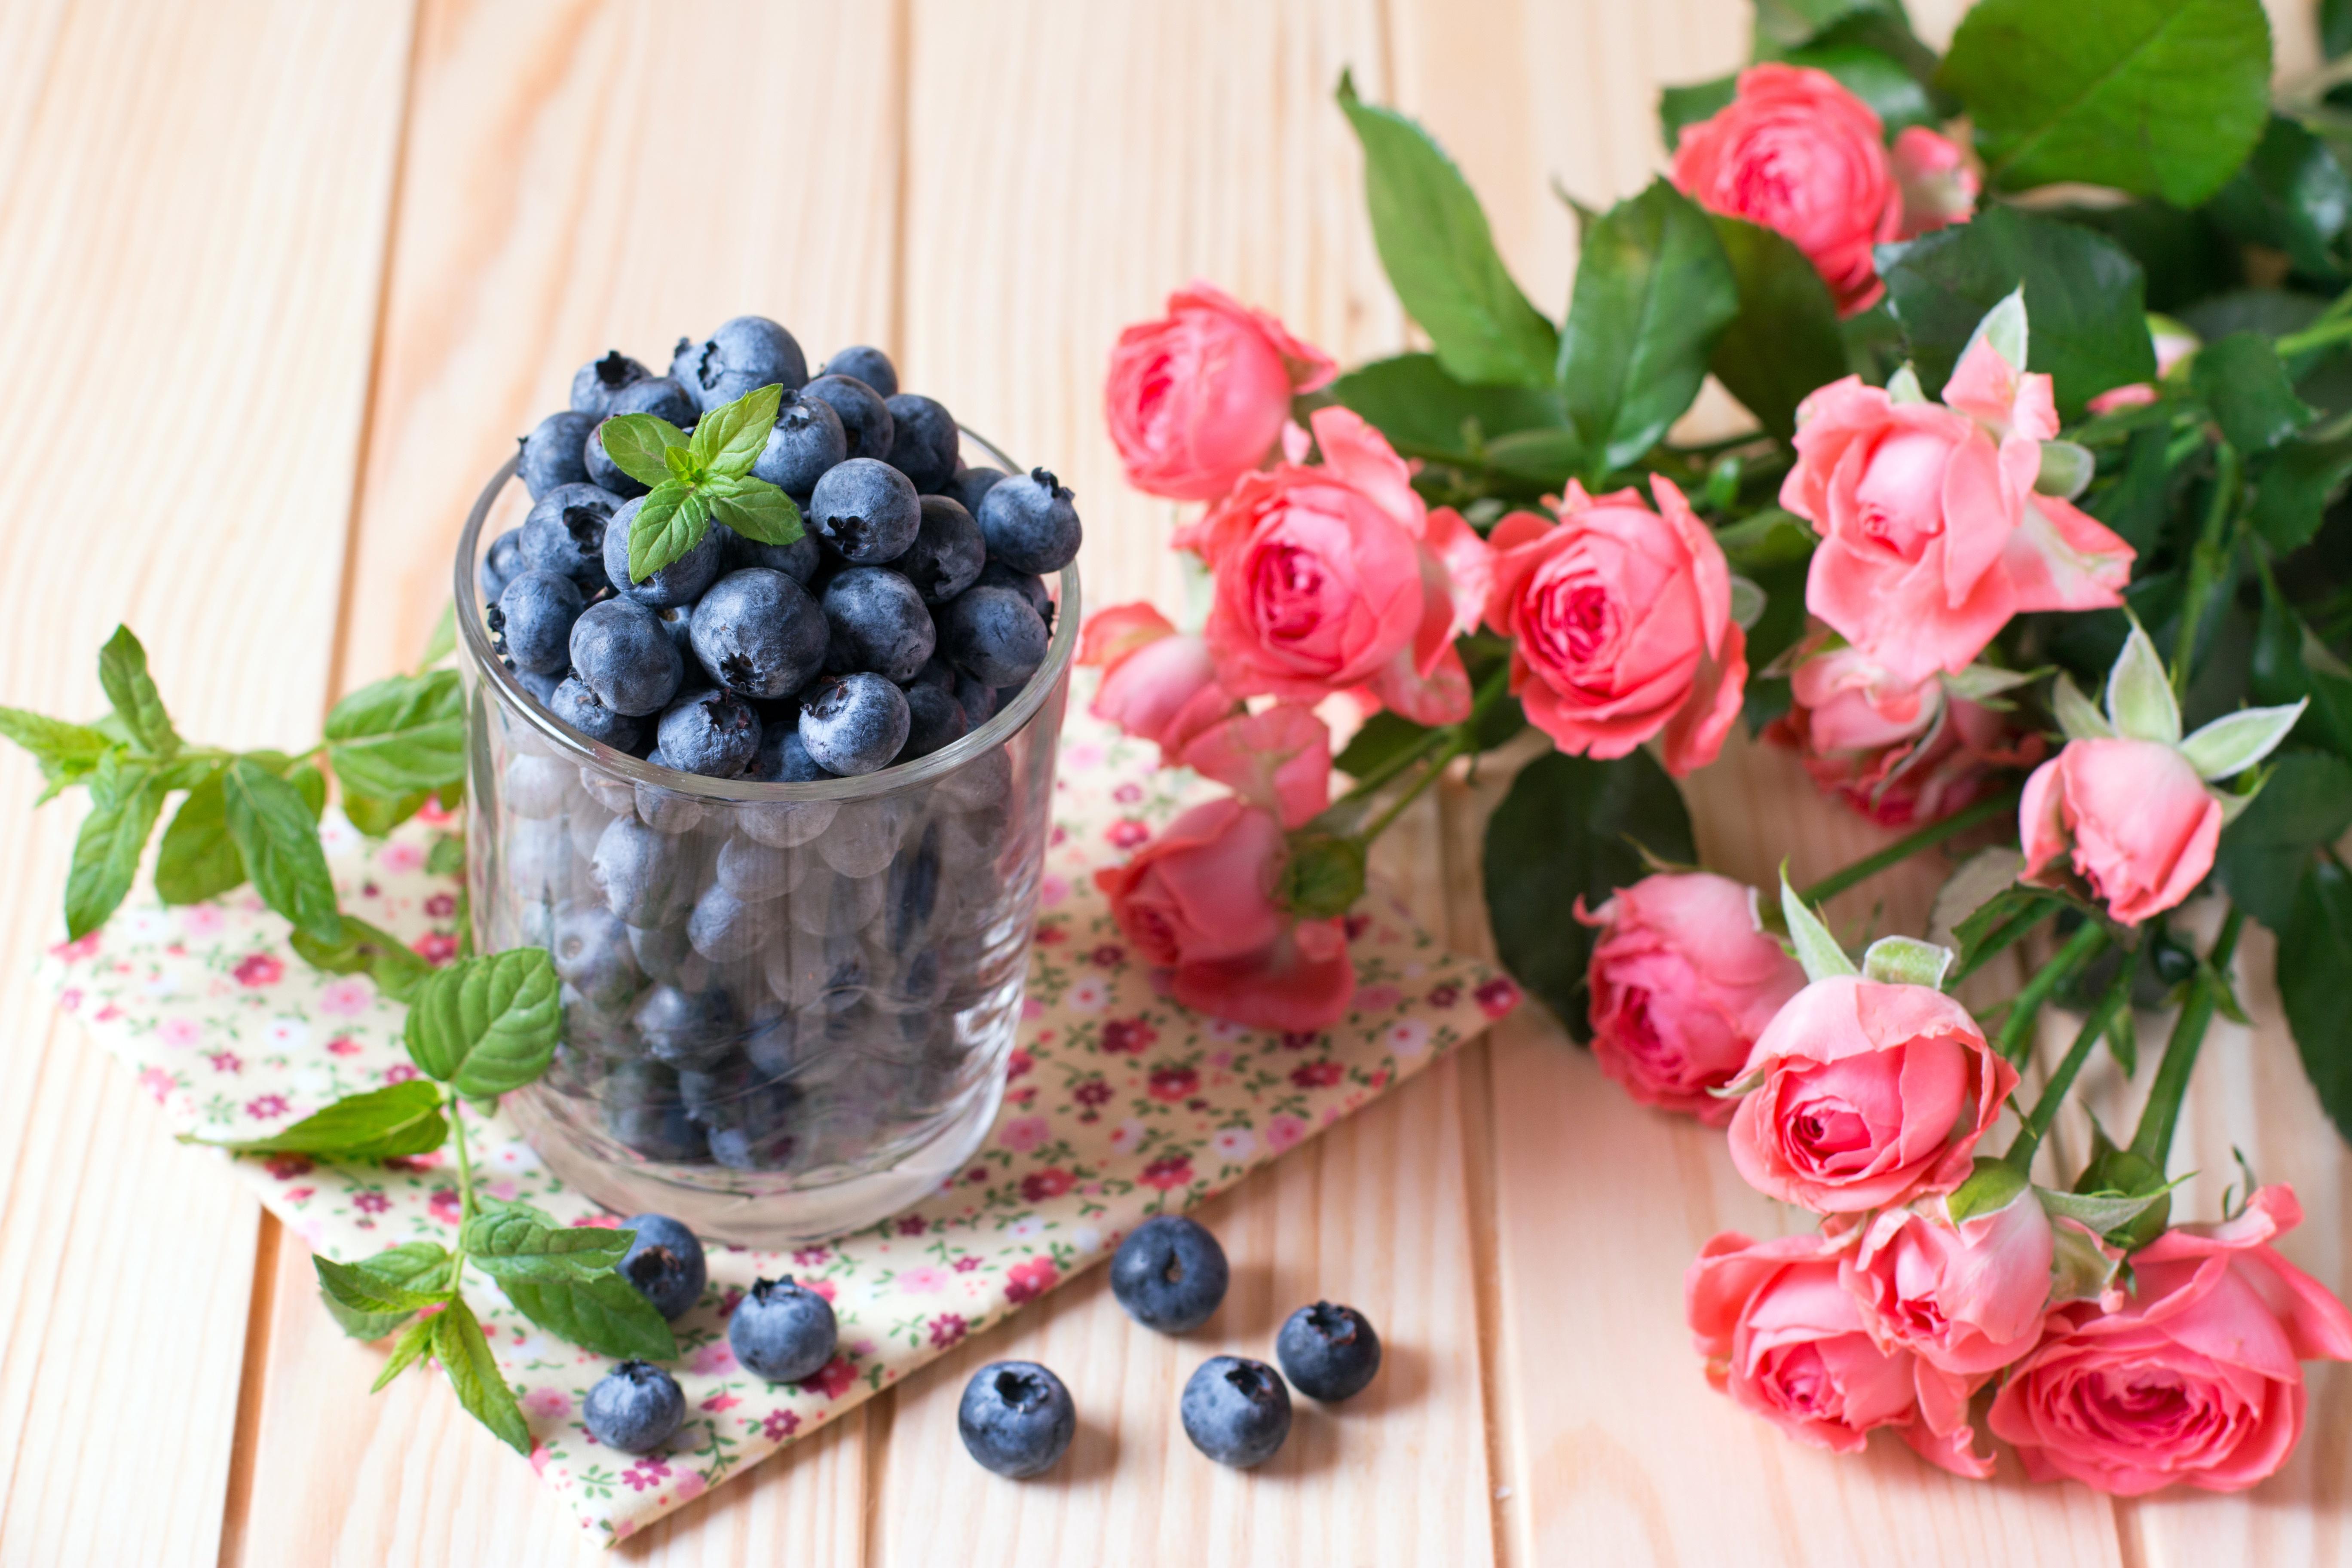 Фотография букет Розы Цветы Стакан Черника Ягоды Продукты питания 5472x3648 Букеты роза цветок стакане стакана Еда Пища